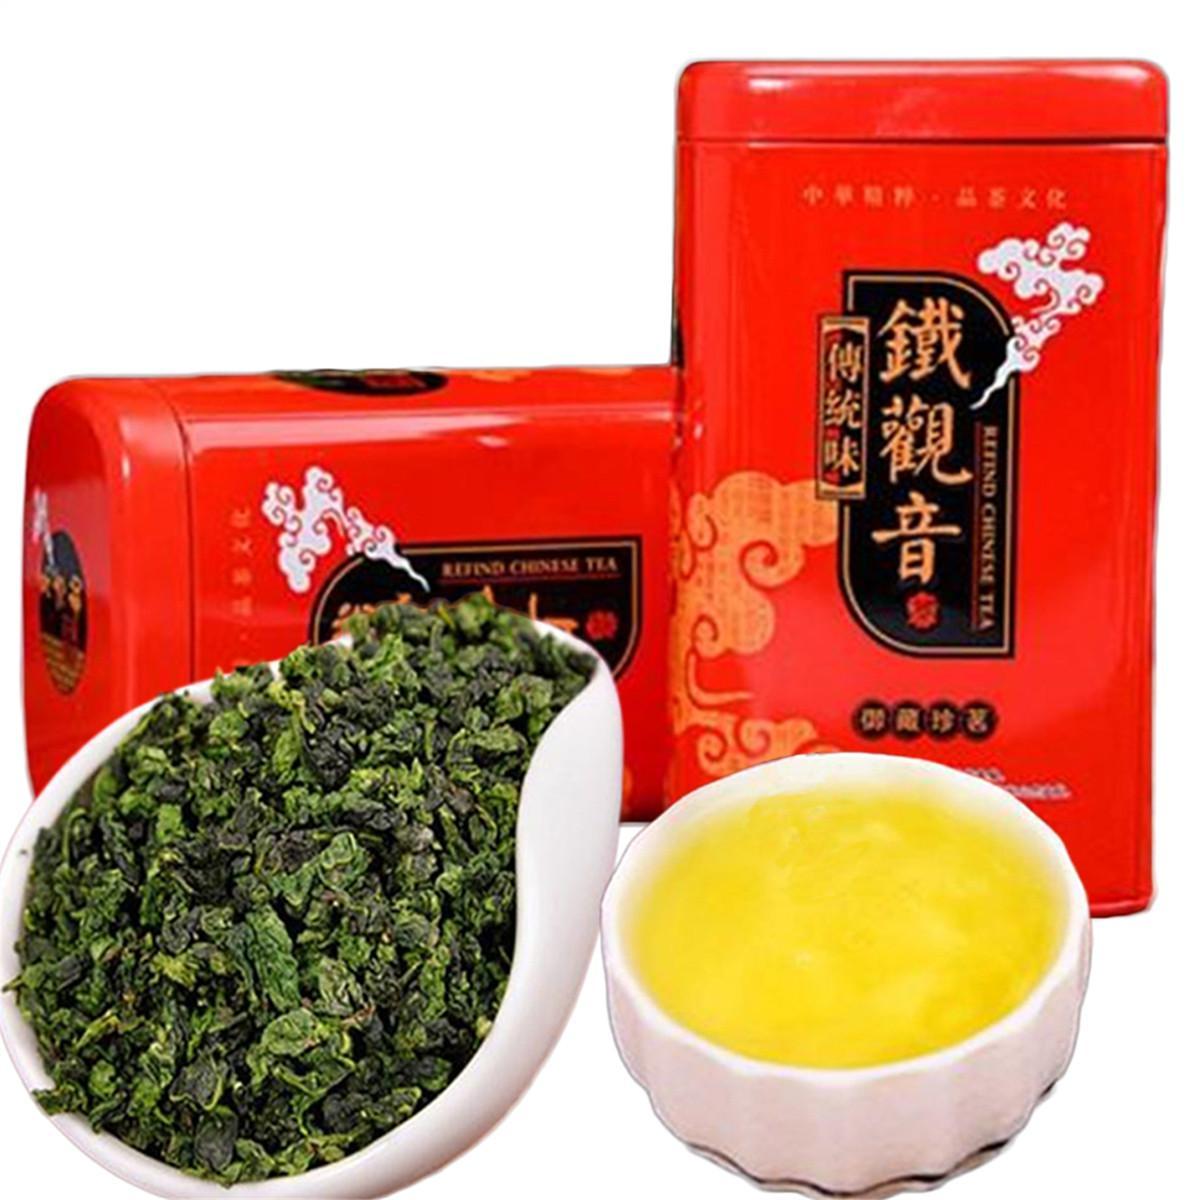 250 г Китайский органический улун чай Tikuanyin High Grade New Spring Anxi Tie Guan Yin улун чай подарочный пакет продвижение